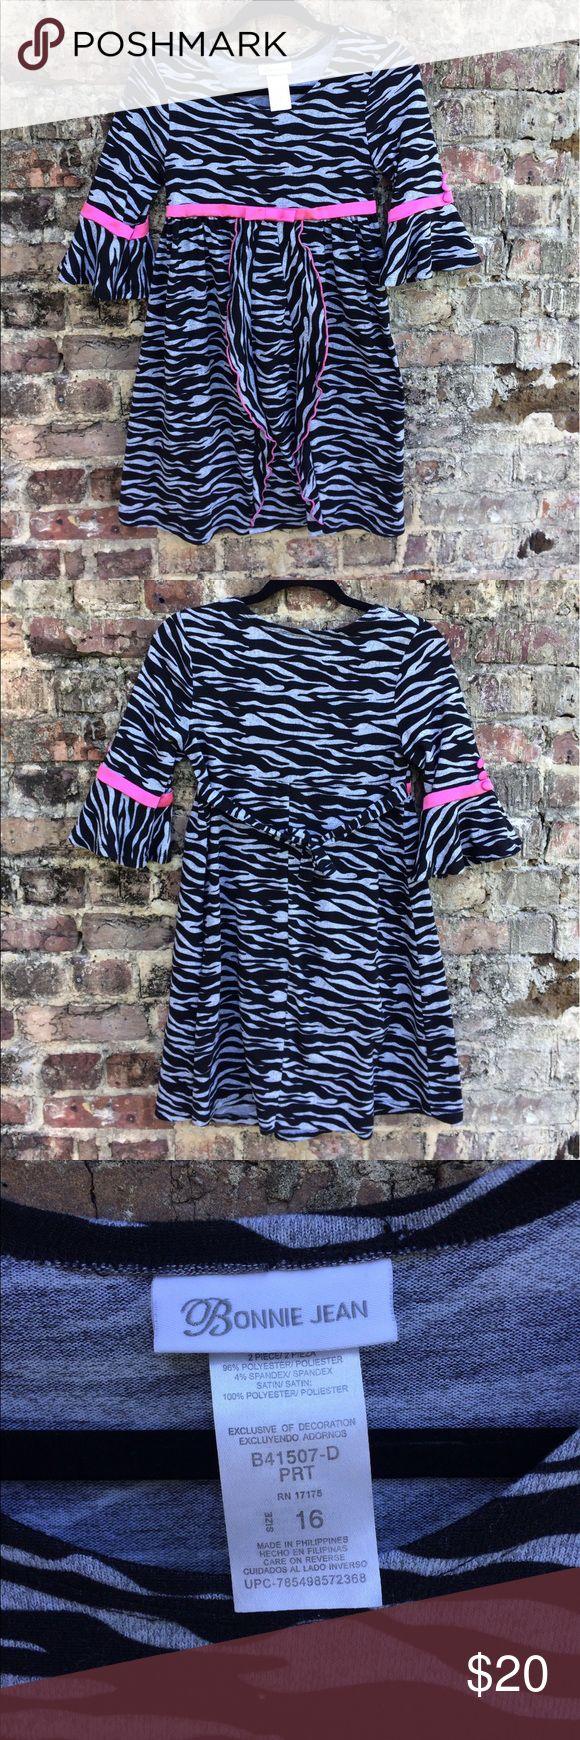 Bonnie Jean zebra print dress Bonnie Jean zebra print dress with pink accents. Size 16 & very gently used. Bonnie Jean Dresses